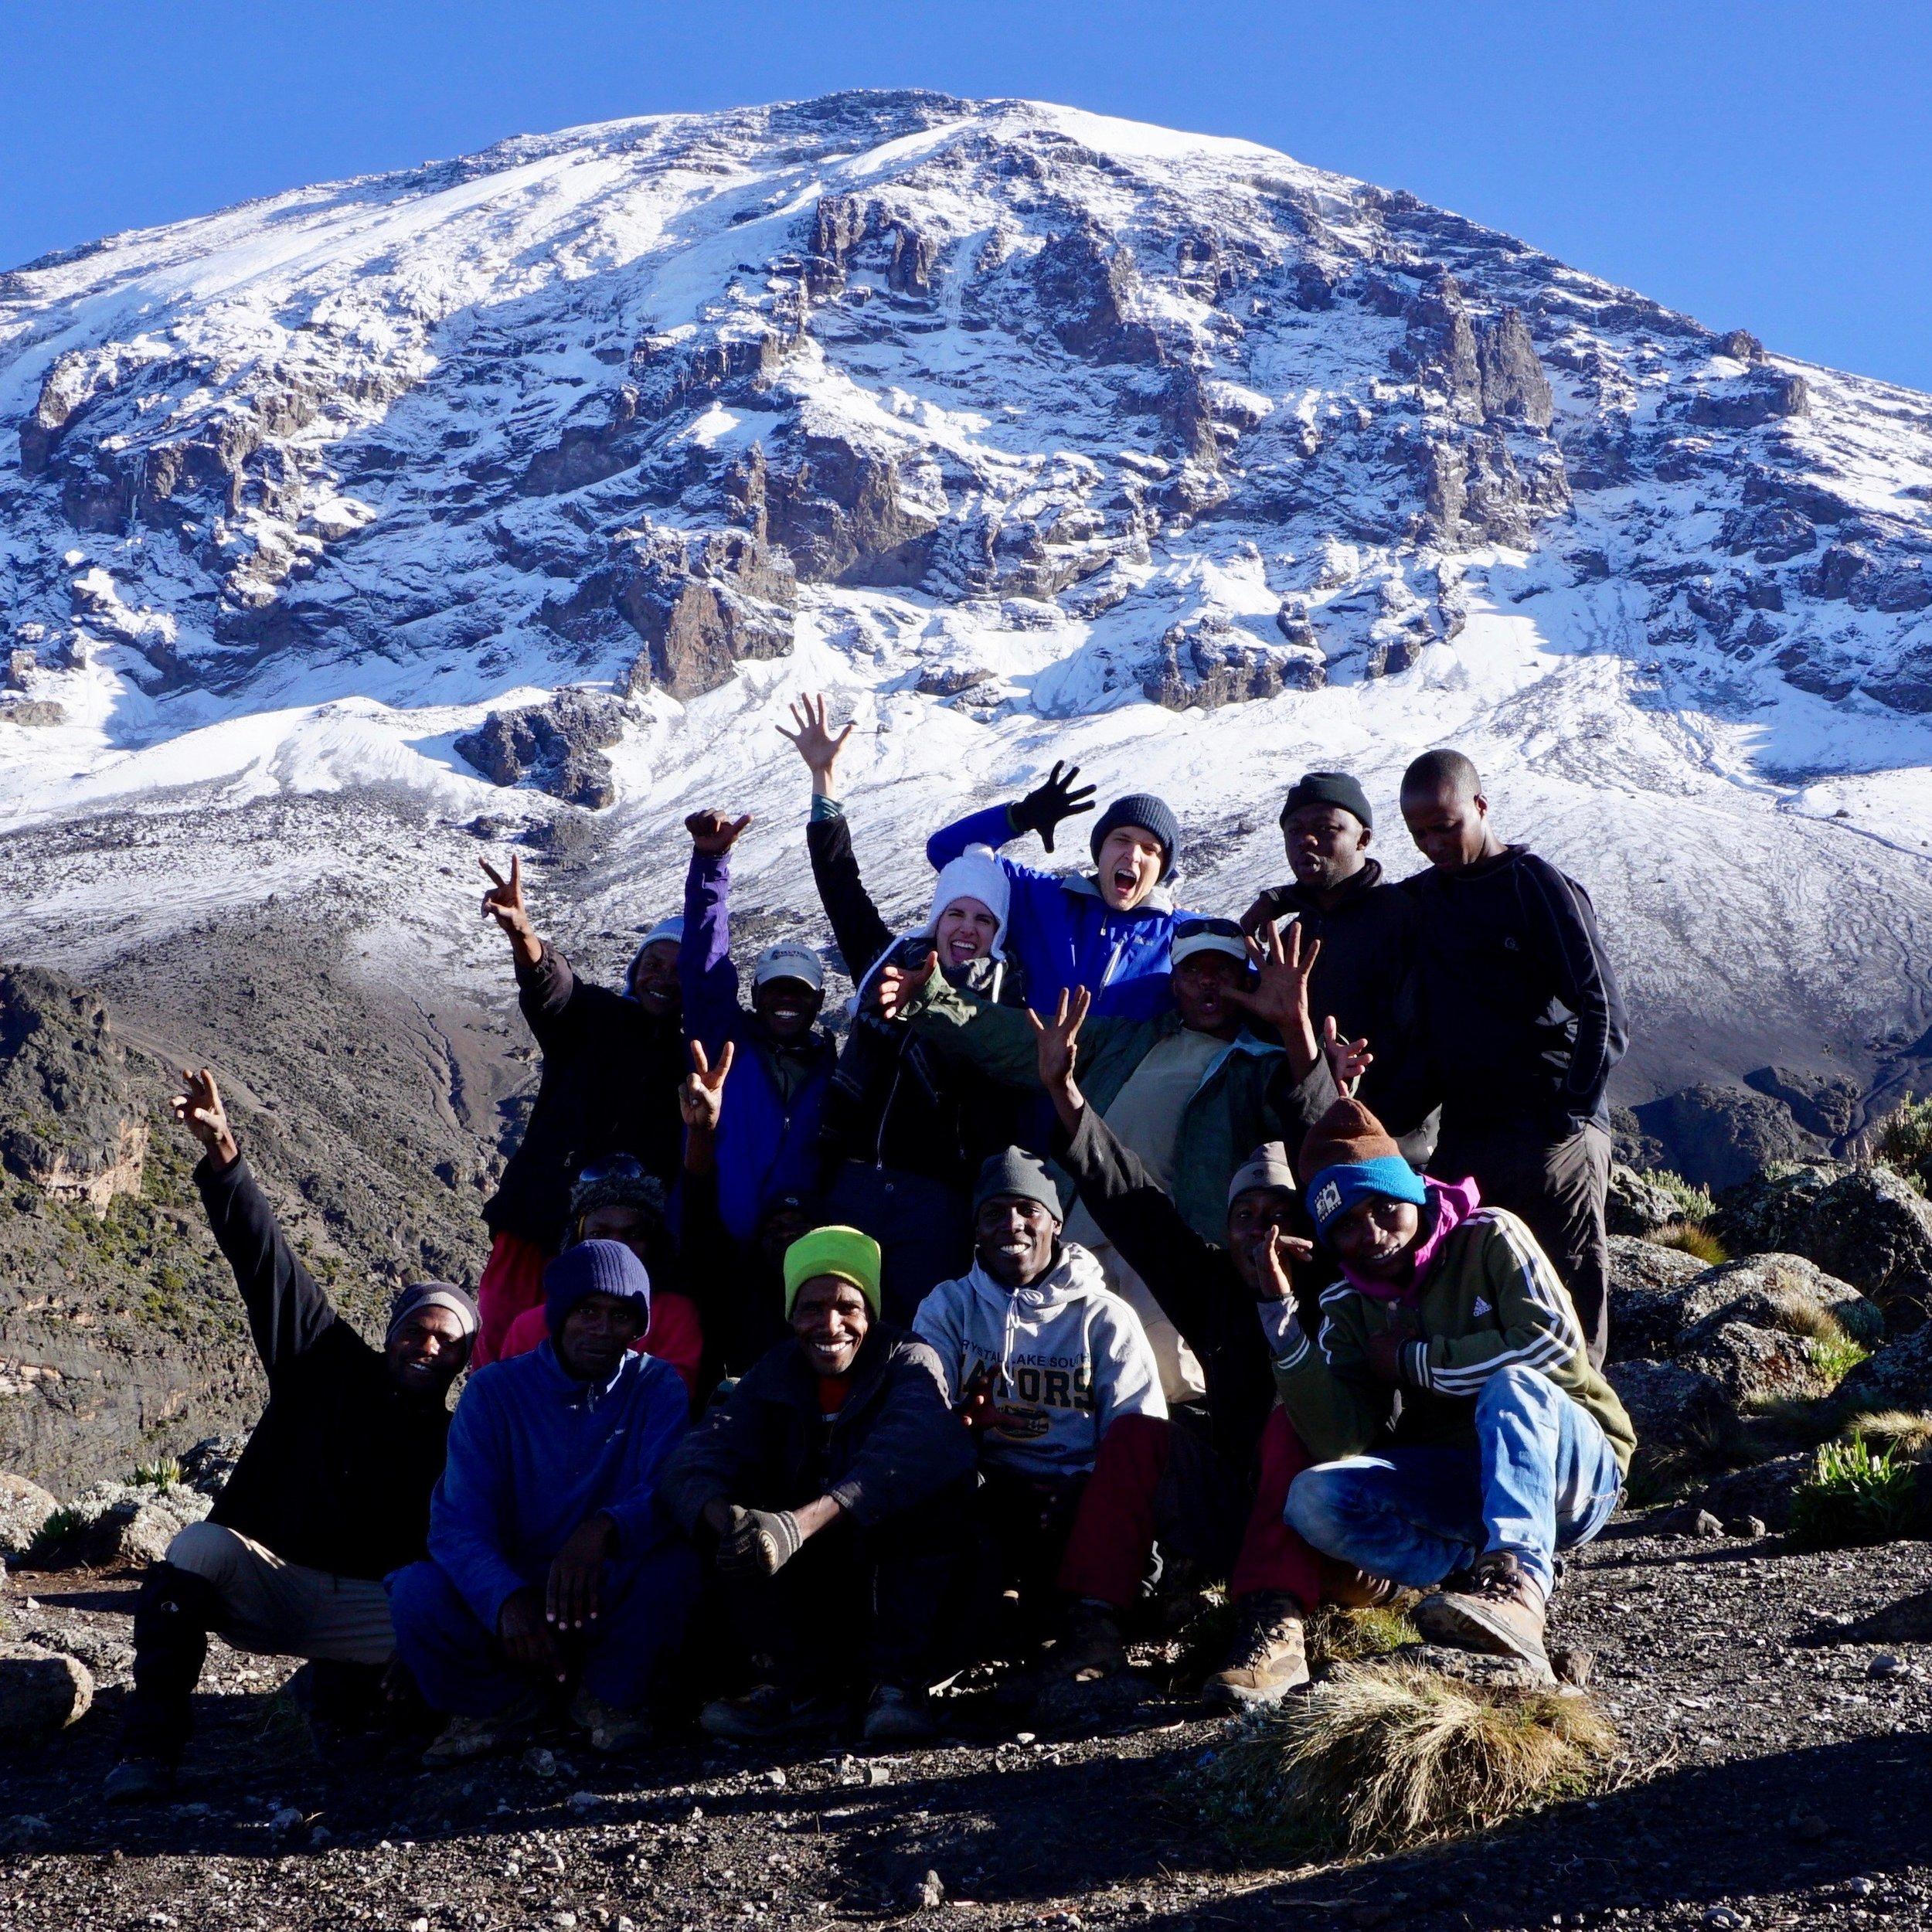 Mount Kilimanjaro at 14,000 ft